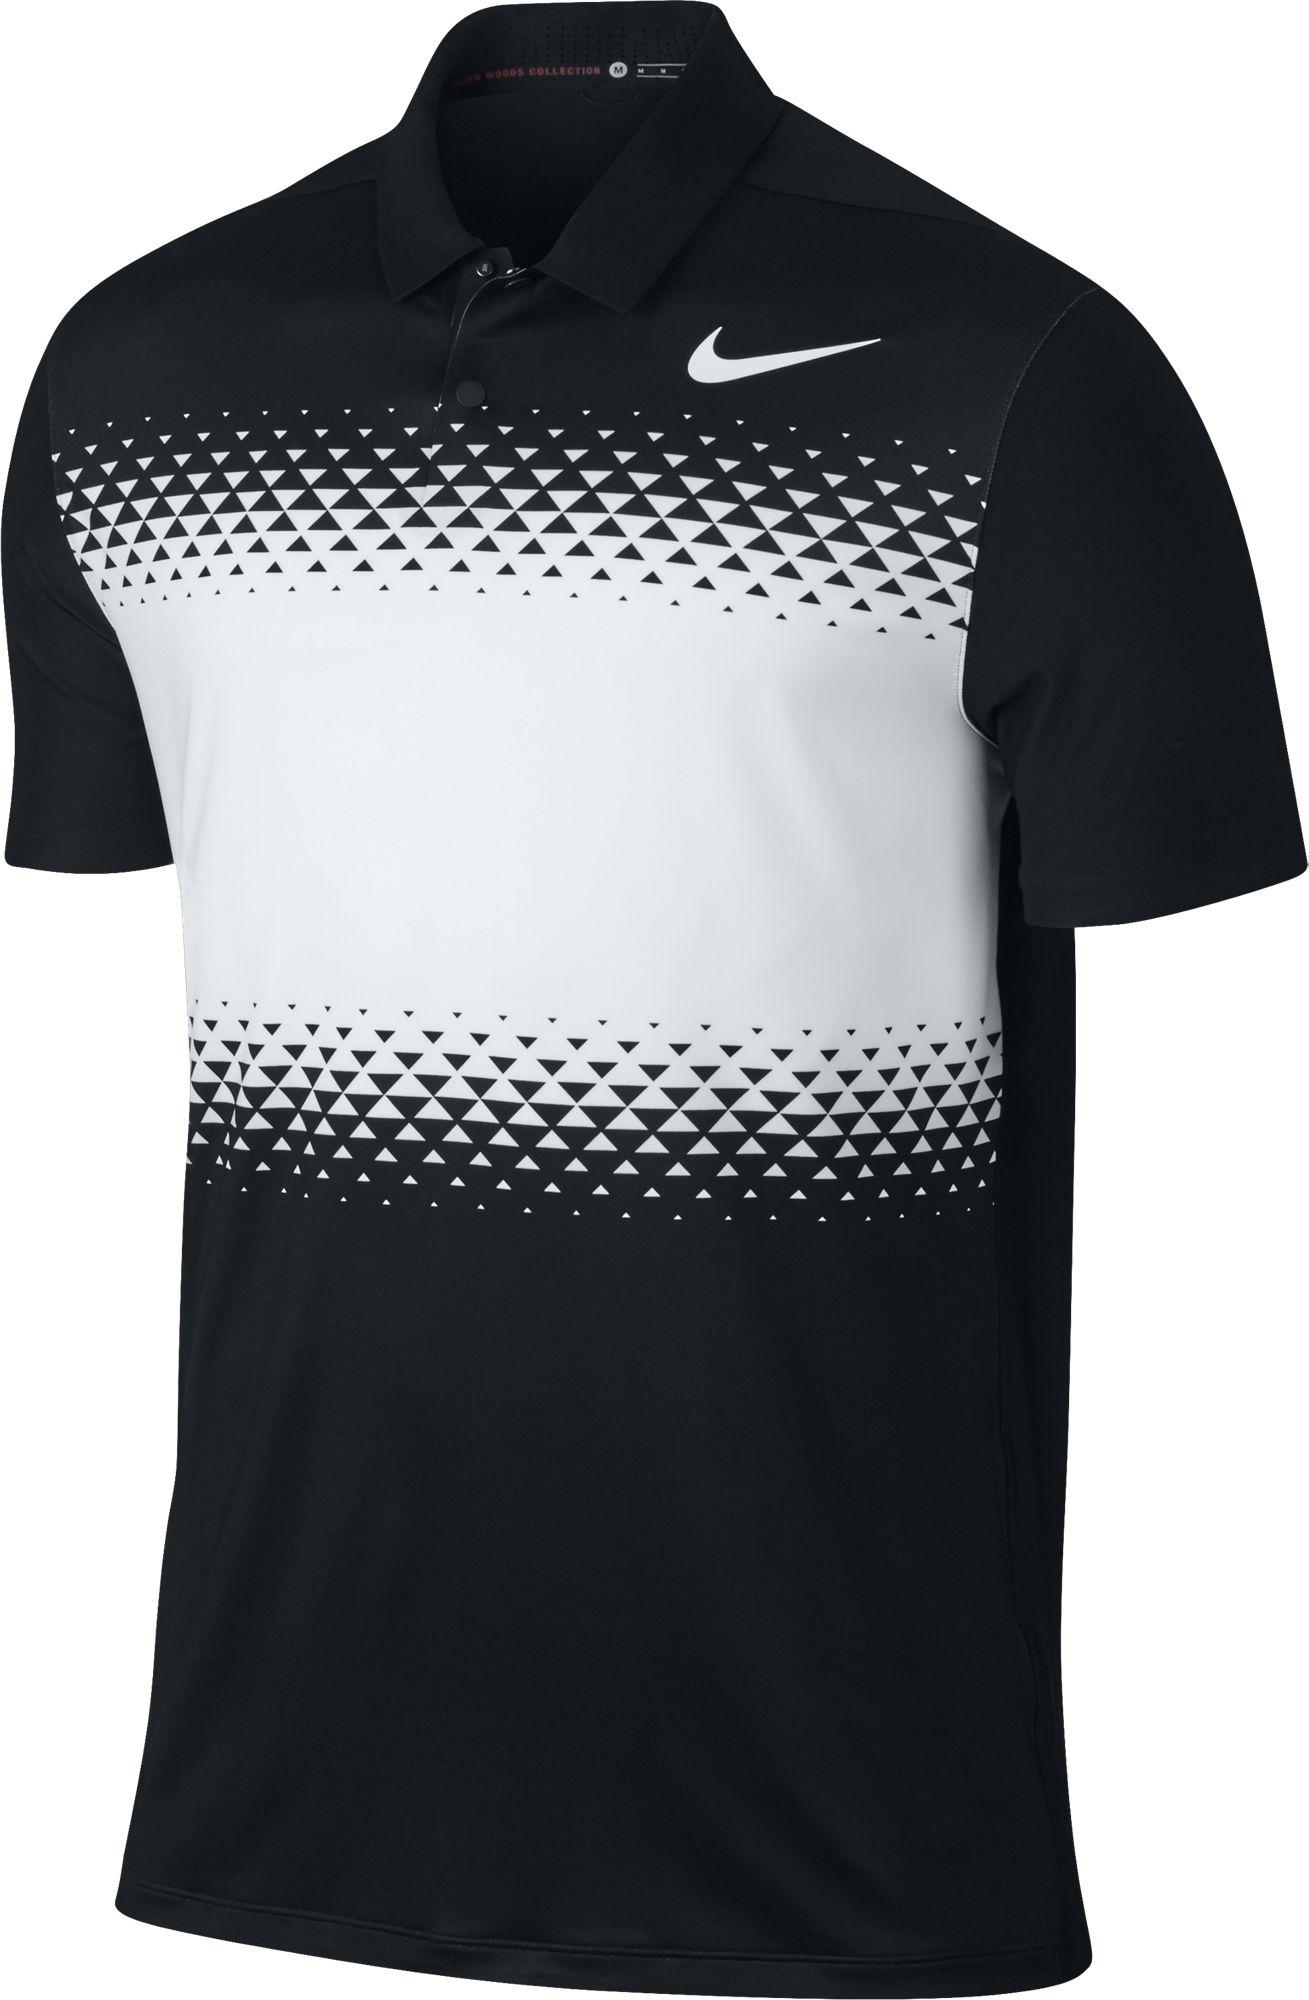 Nike Golf Shirt Mens